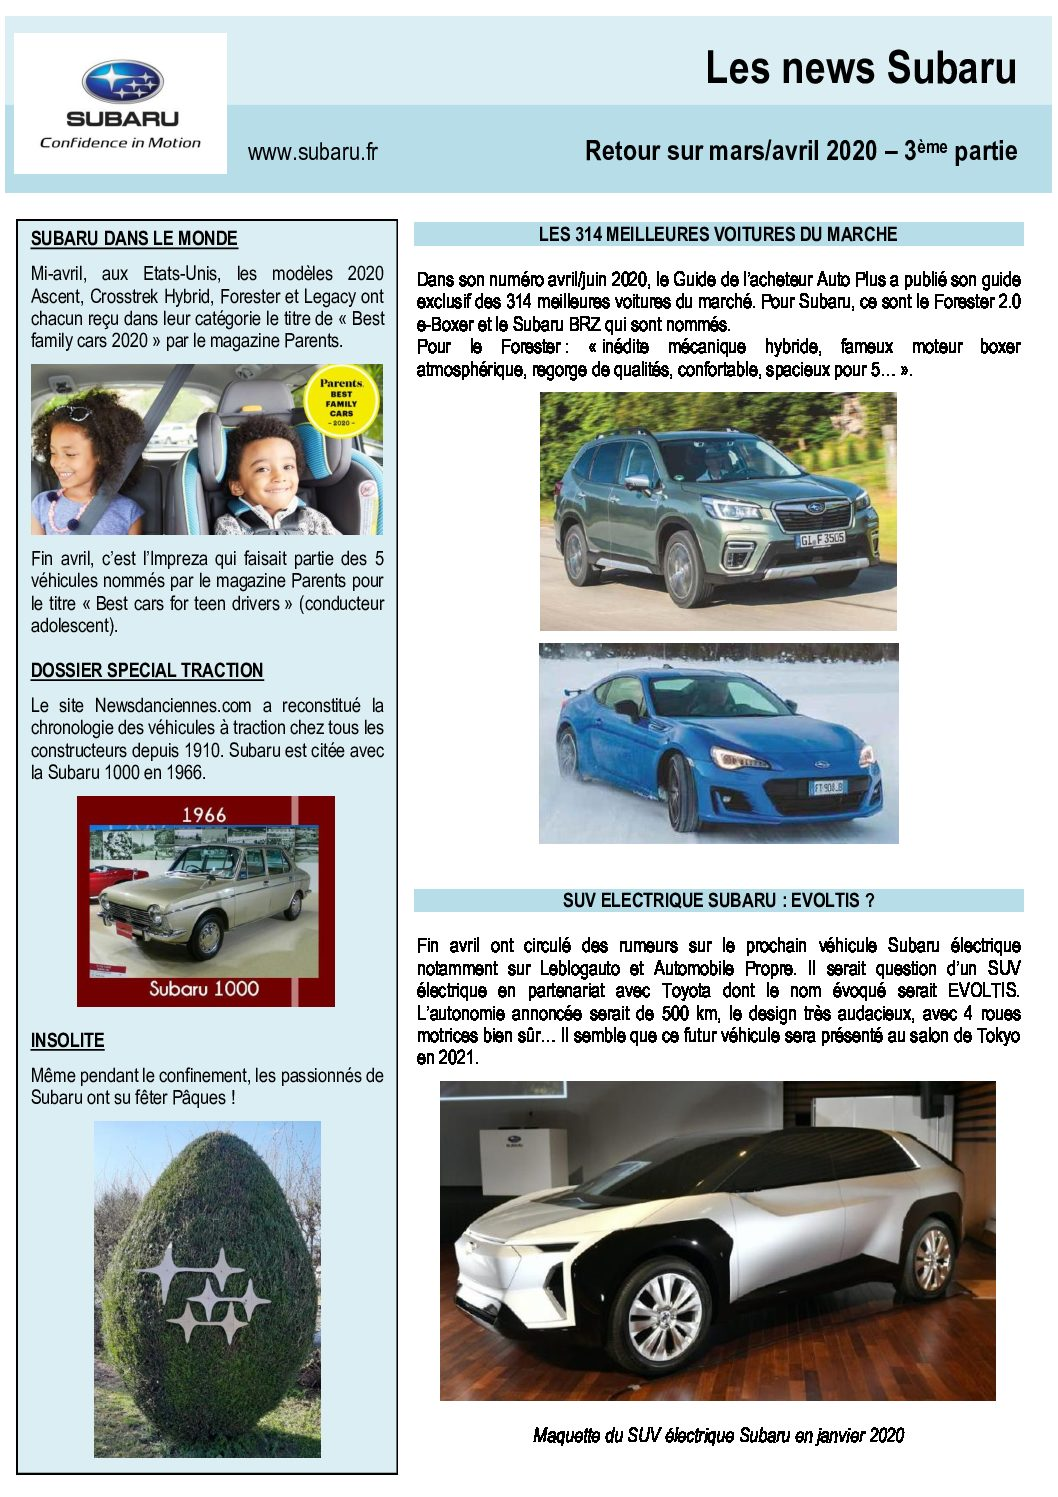 Les News Subaru – Mars / Avril 2020